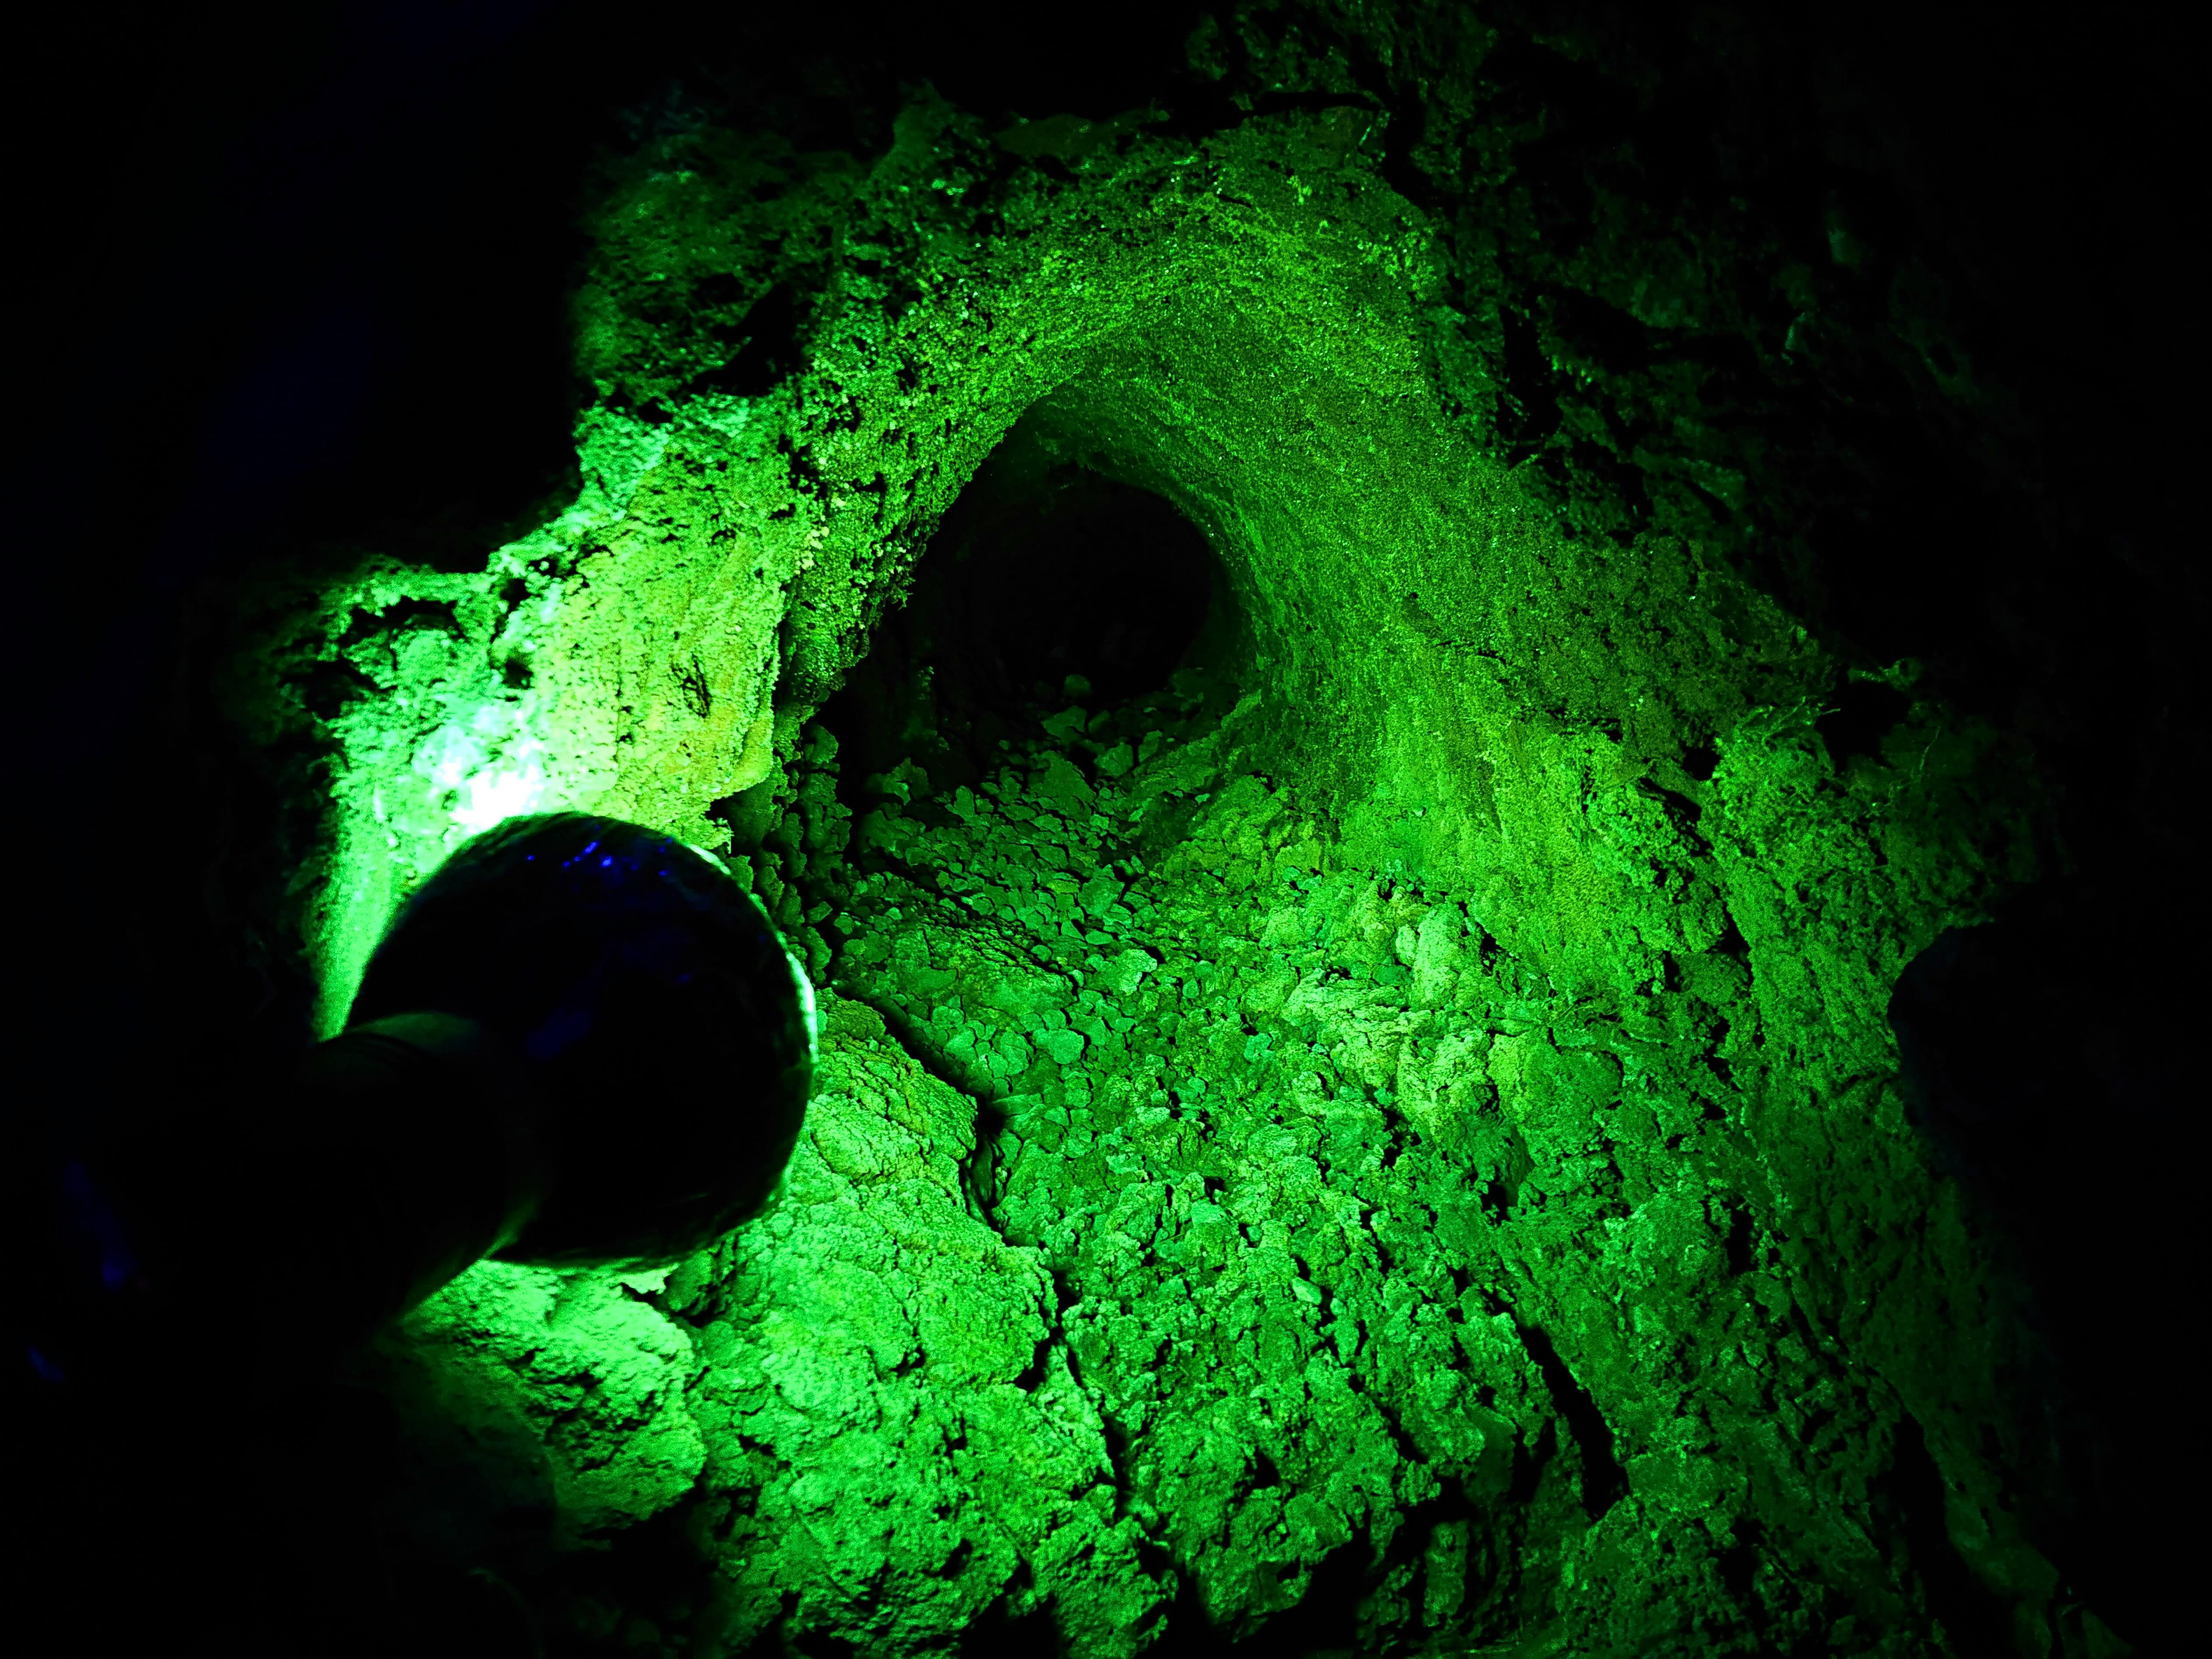 溶岩樹型のライトアップ